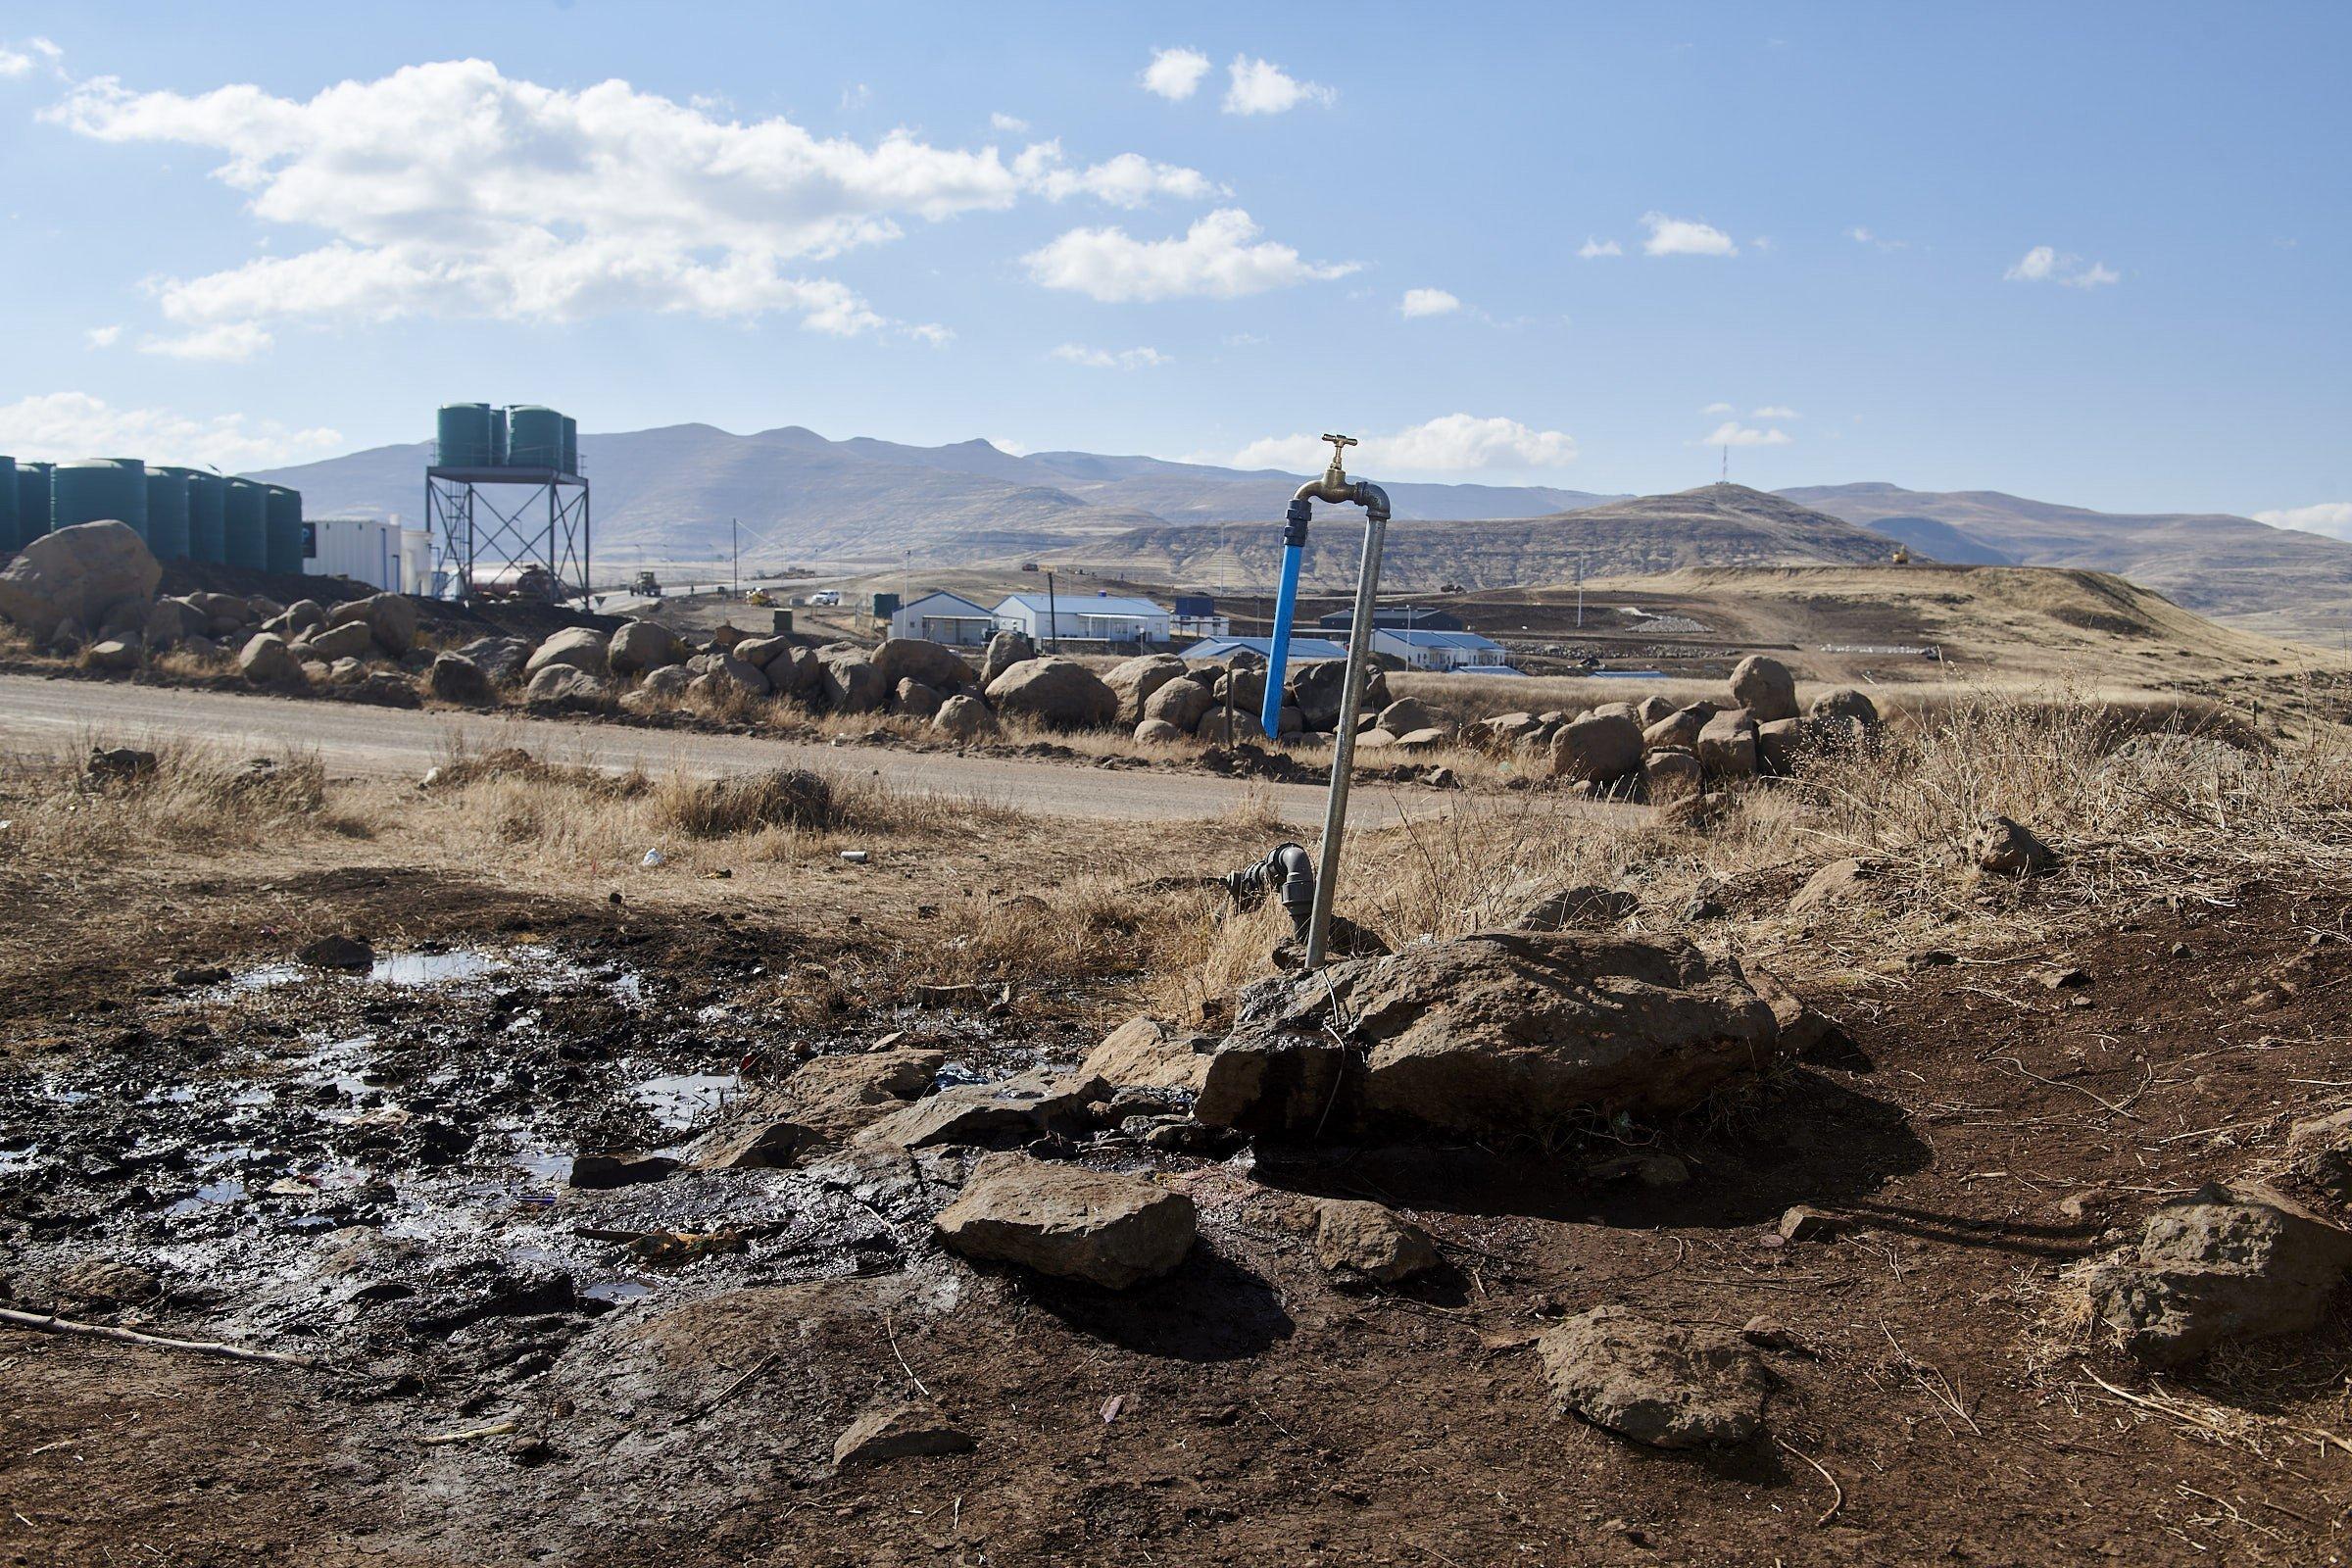 Ein Wasserhahn steht zwischen Steinen, im Hintergrund sind die Wassertanks der Baustelle zu sehen